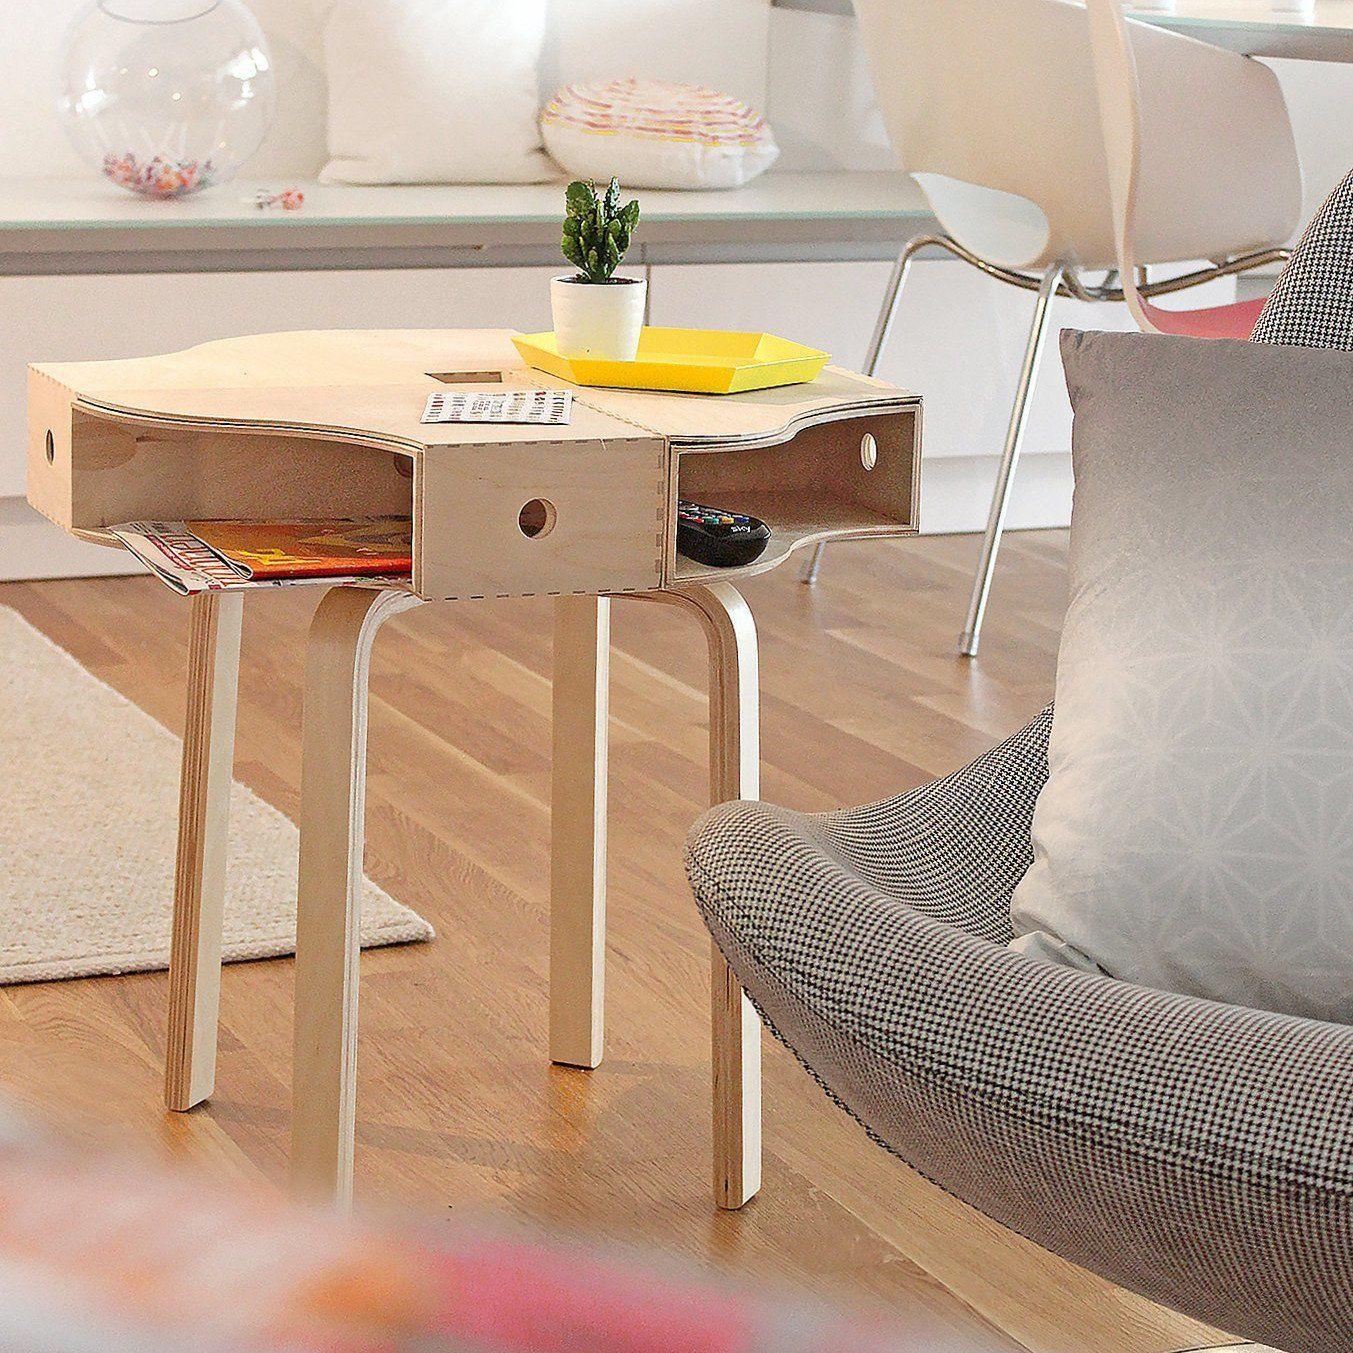 Full Size of Ikea Hack Sitzbank Esszimmer Bad Betten 160x200 Sofa Mit Schlaffunktion Küche Kaufen Kosten Garten Modulküche Miniküche Für Bett Bei Lehne Schlafzimmer Wohnzimmer Ikea Hack Sitzbank Esszimmer